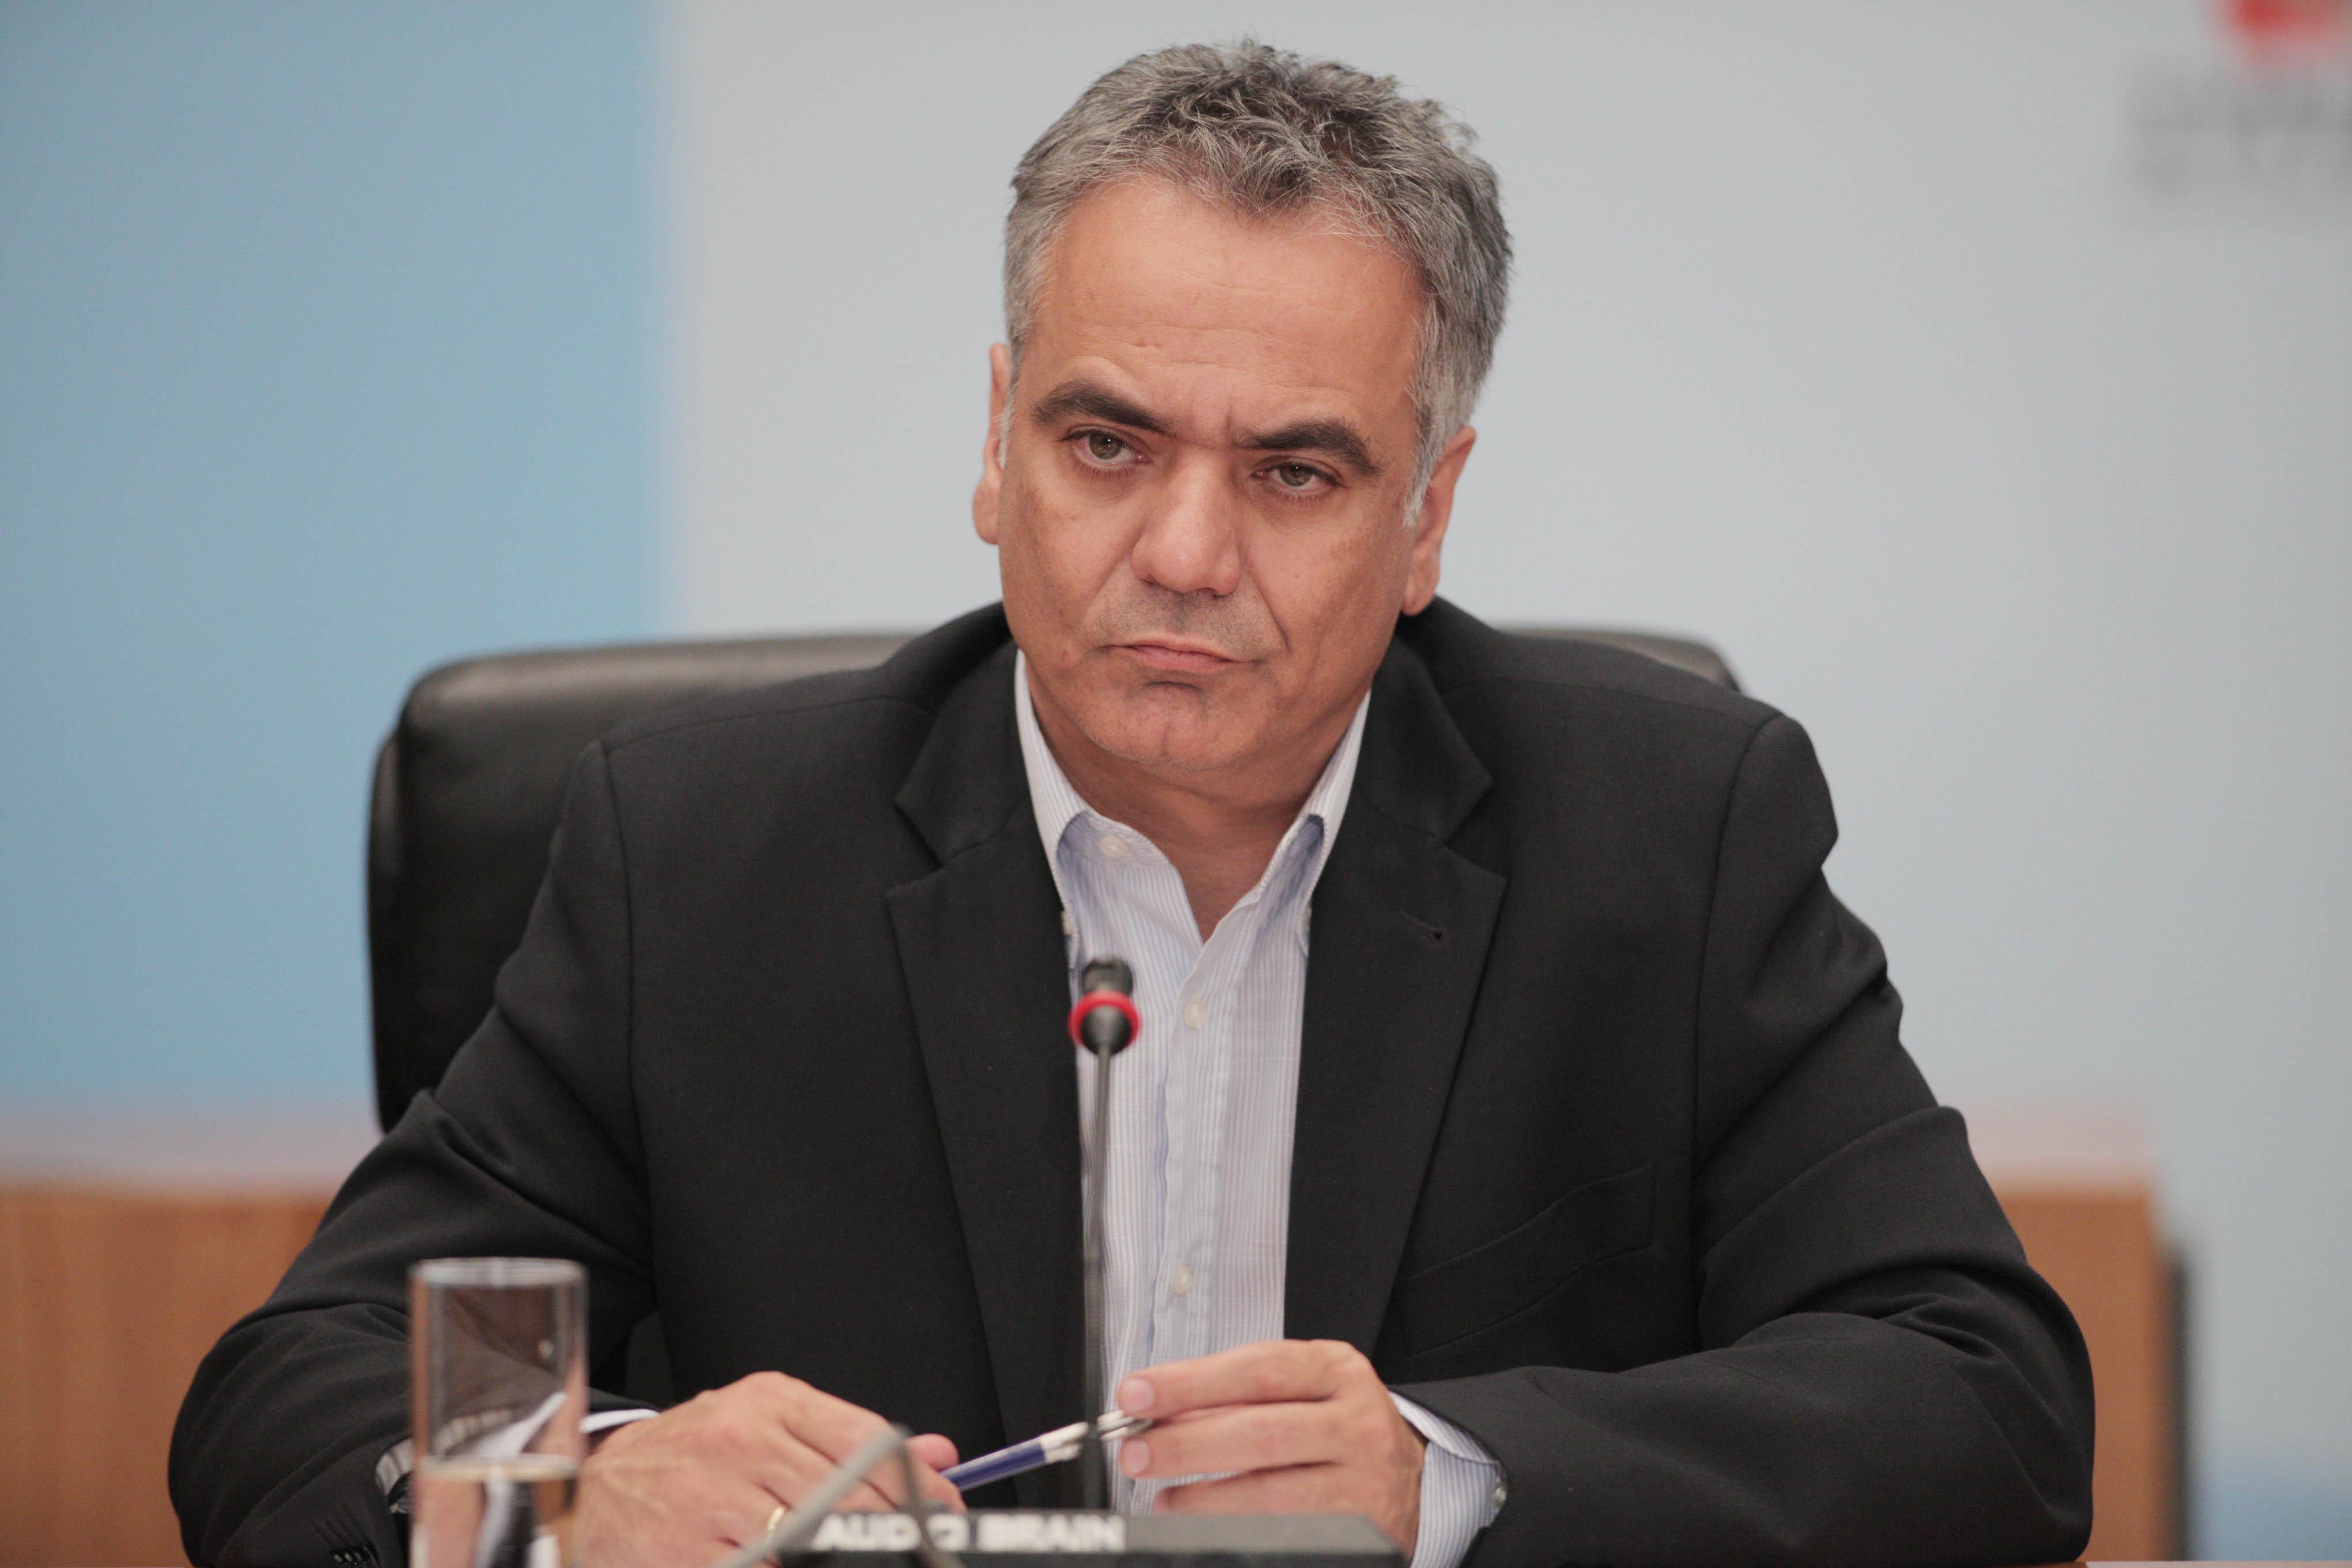 Έρχεται Ναύπακτο αύριο ο Υπουργός Εσωτερικών, Π. Σκουρλέτης